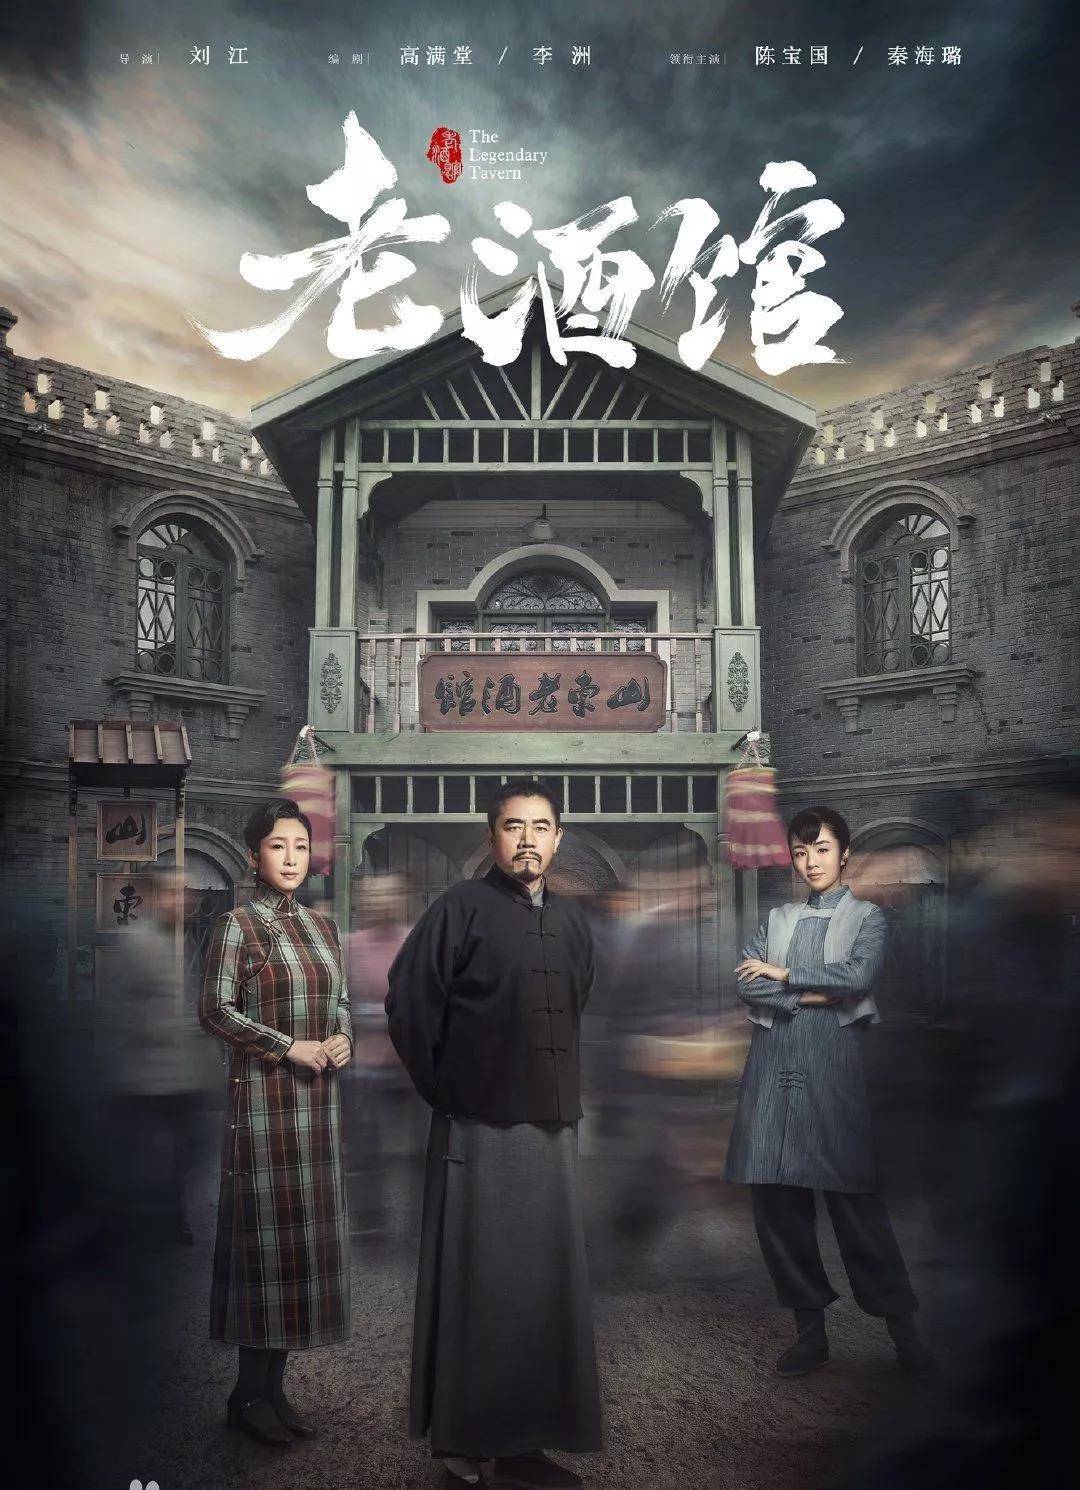 秦海璐新剧疑被恶意打低分,导演怒了:要报警打击网络暴力